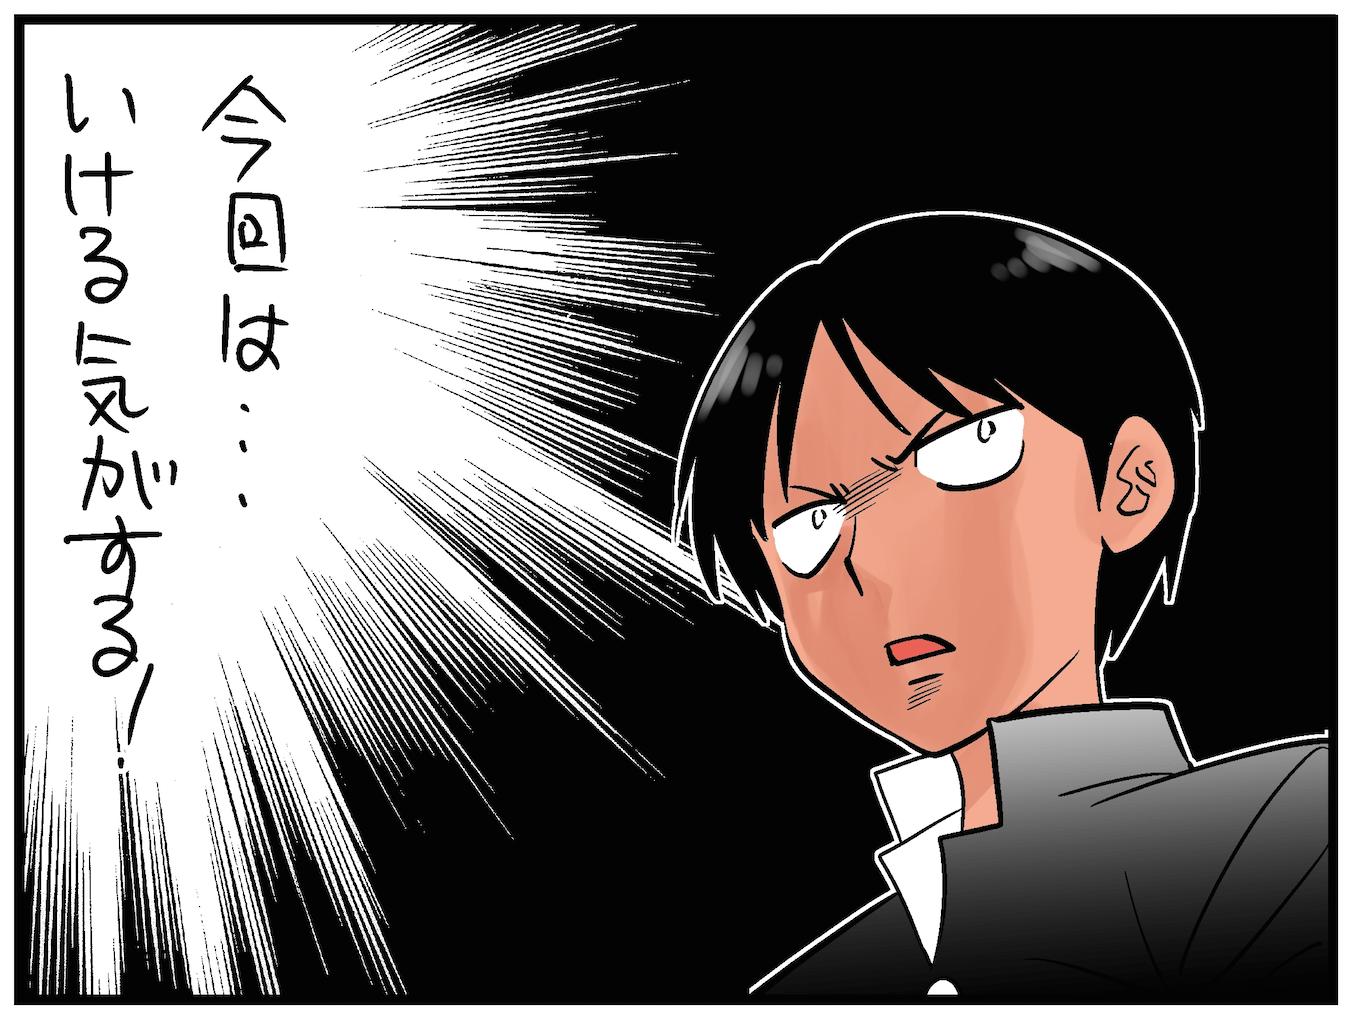 ドラゴン桜式「暗記テクニック」はこれ ...